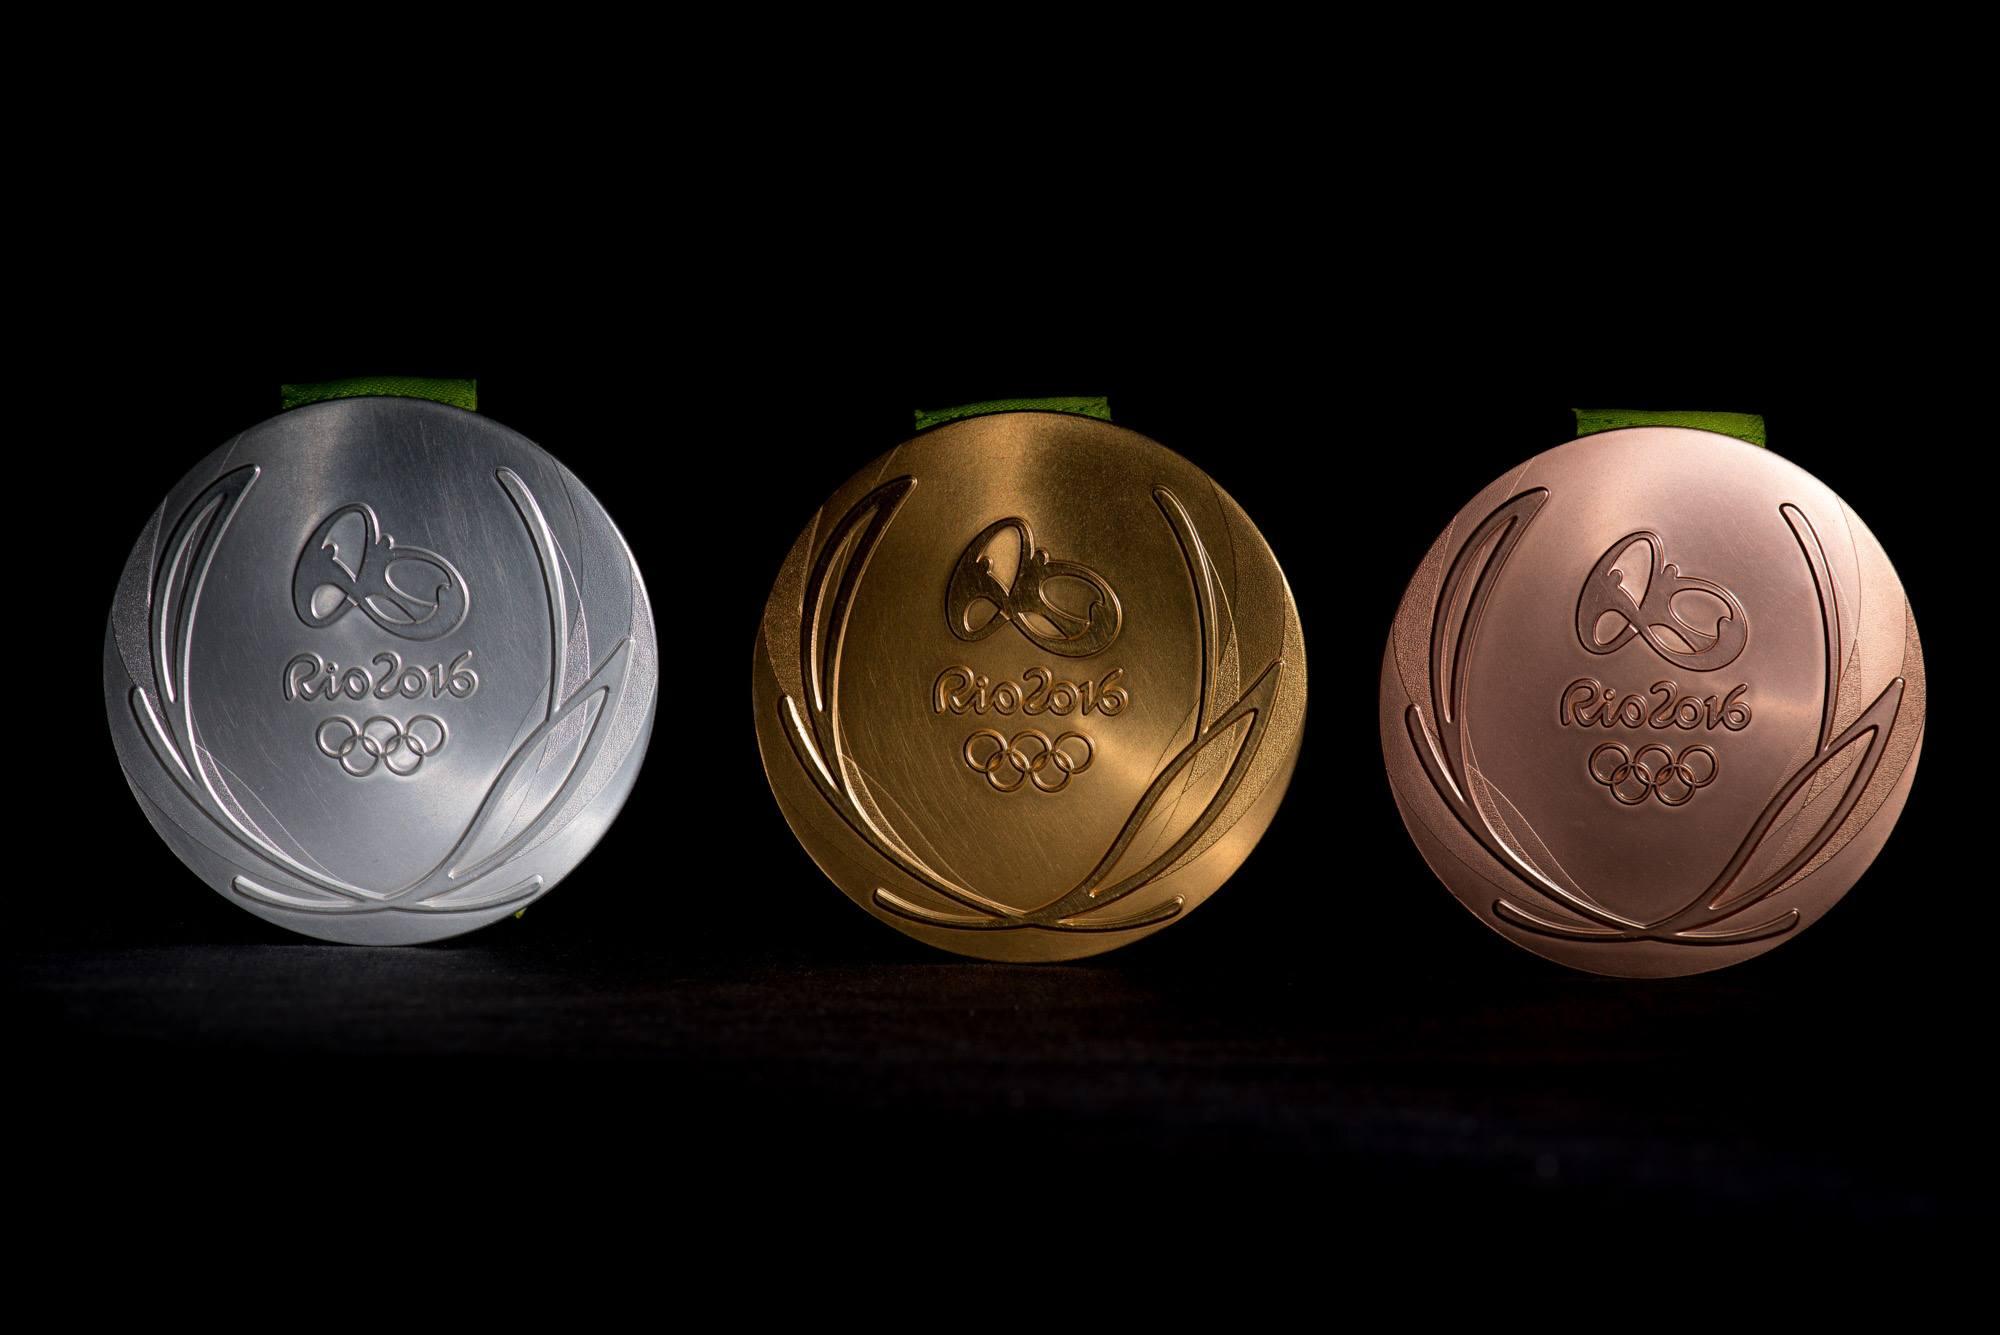 Foto: Reprodução/Facebook Rio 2016